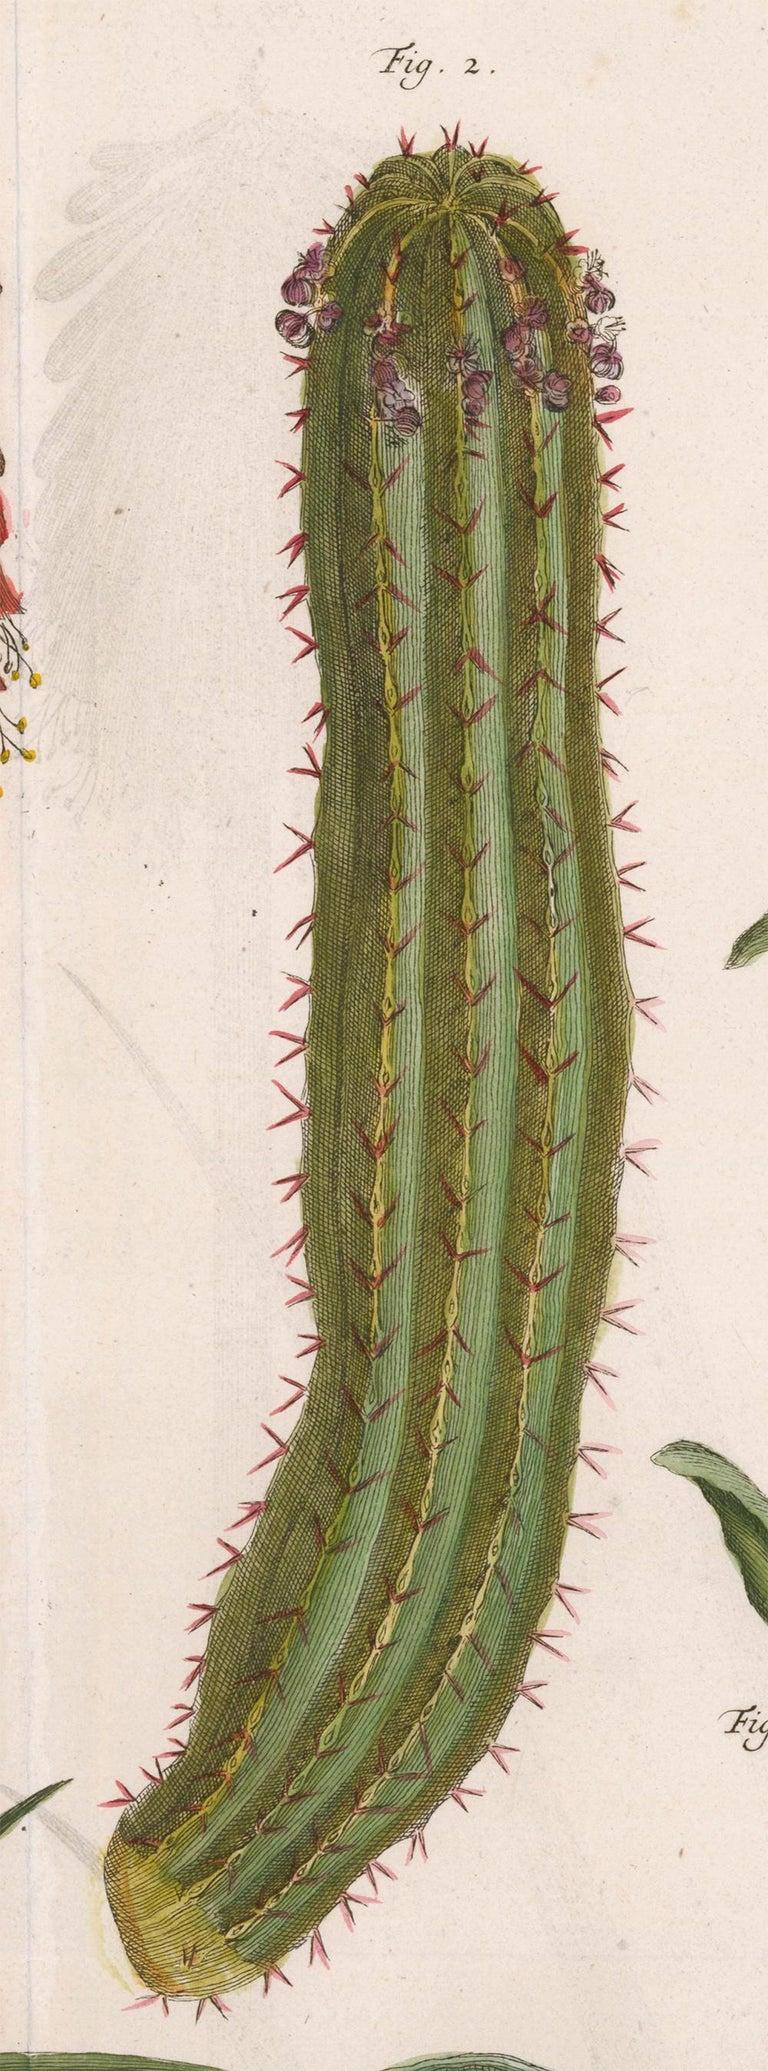 Cactus and Flower Engraving  - Beige Print by [SEBA, Albertus].